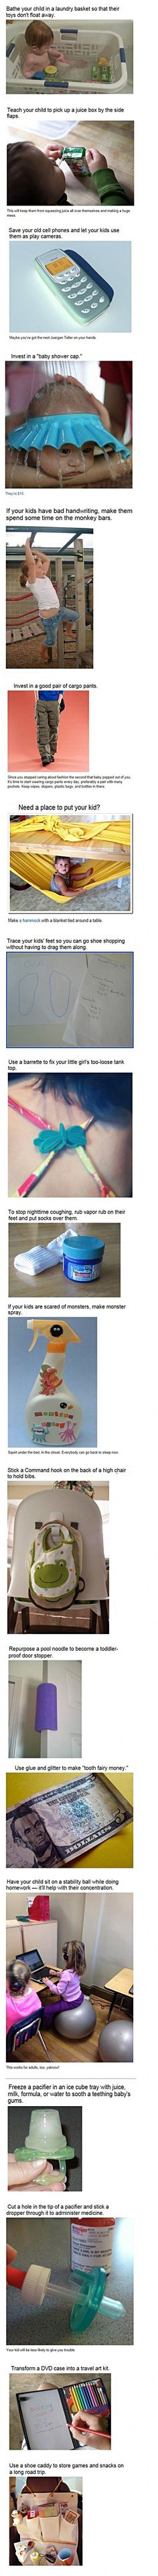 DIY Ideas For Parents